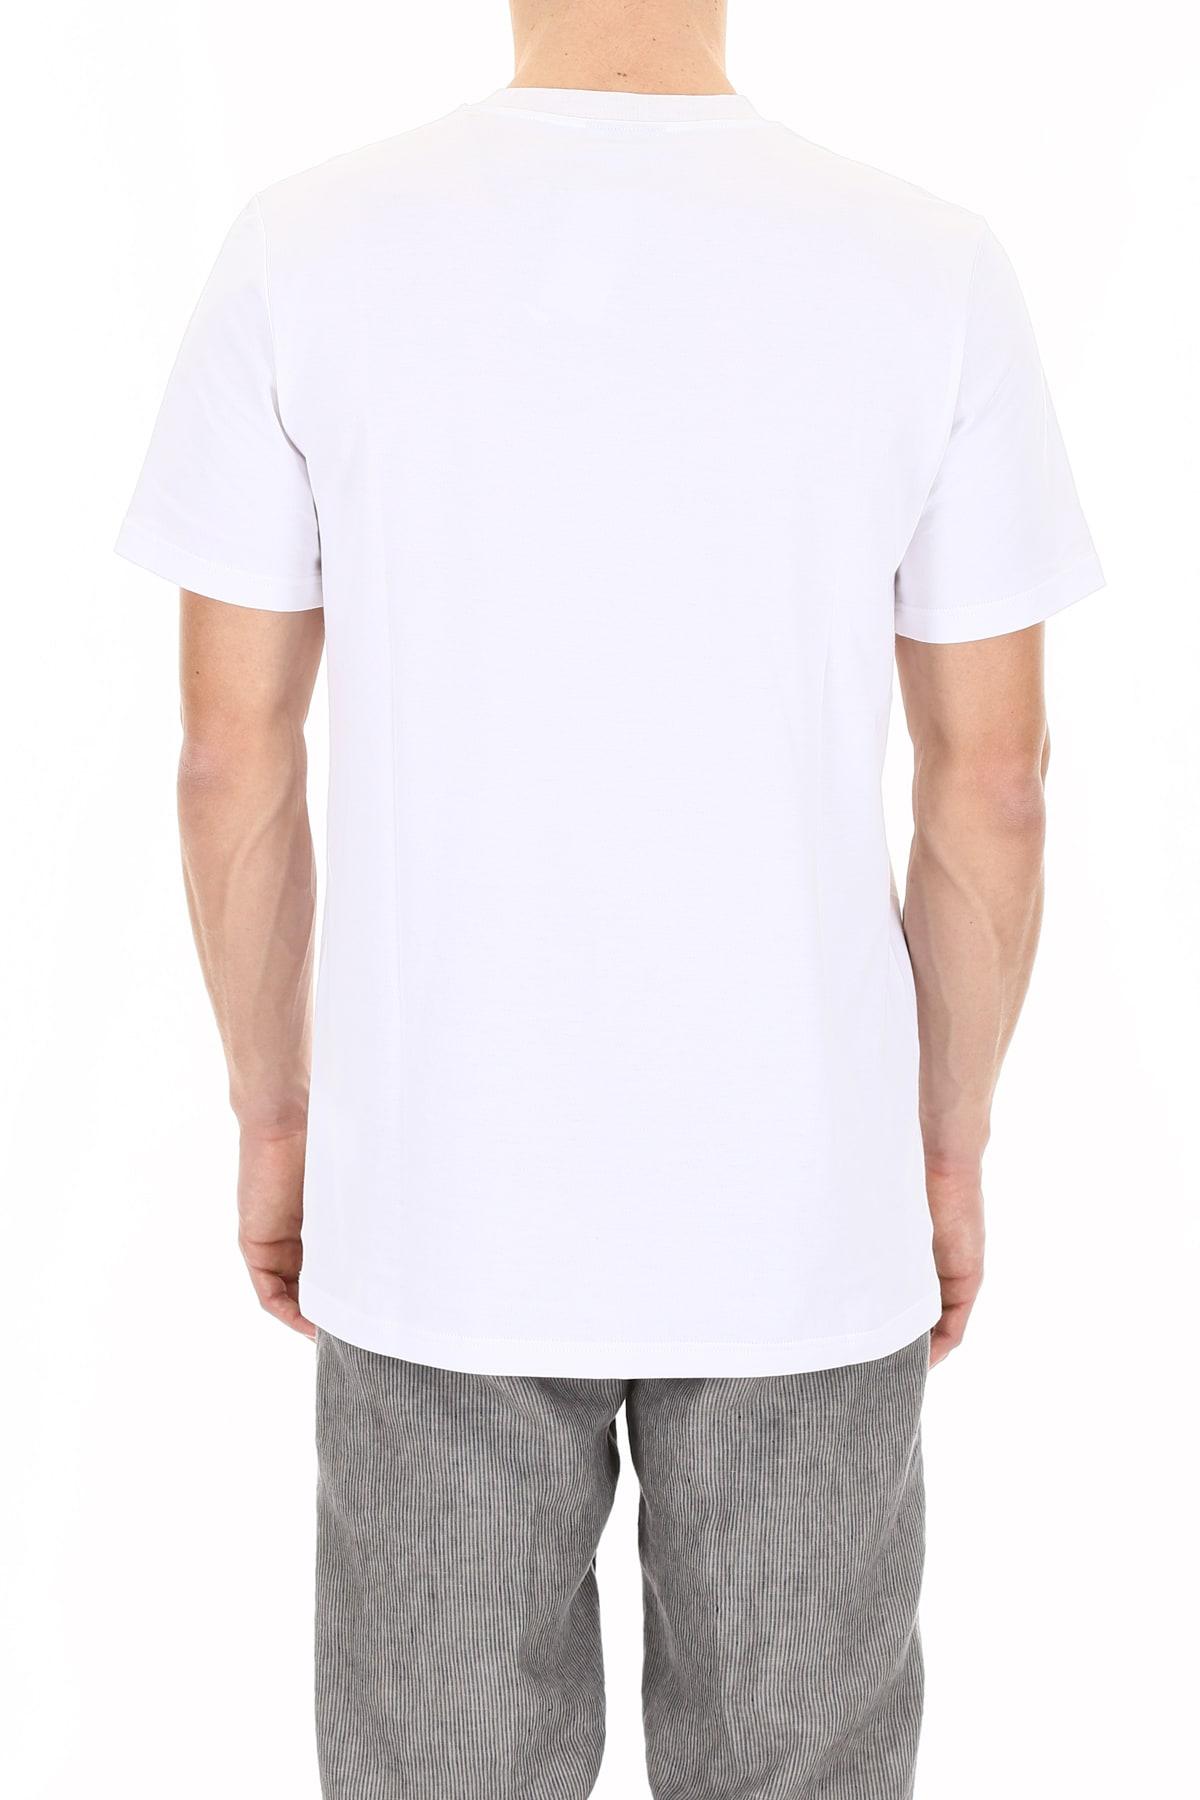 c423c7ca37f Lanvin Tourist Landscape T-shirt